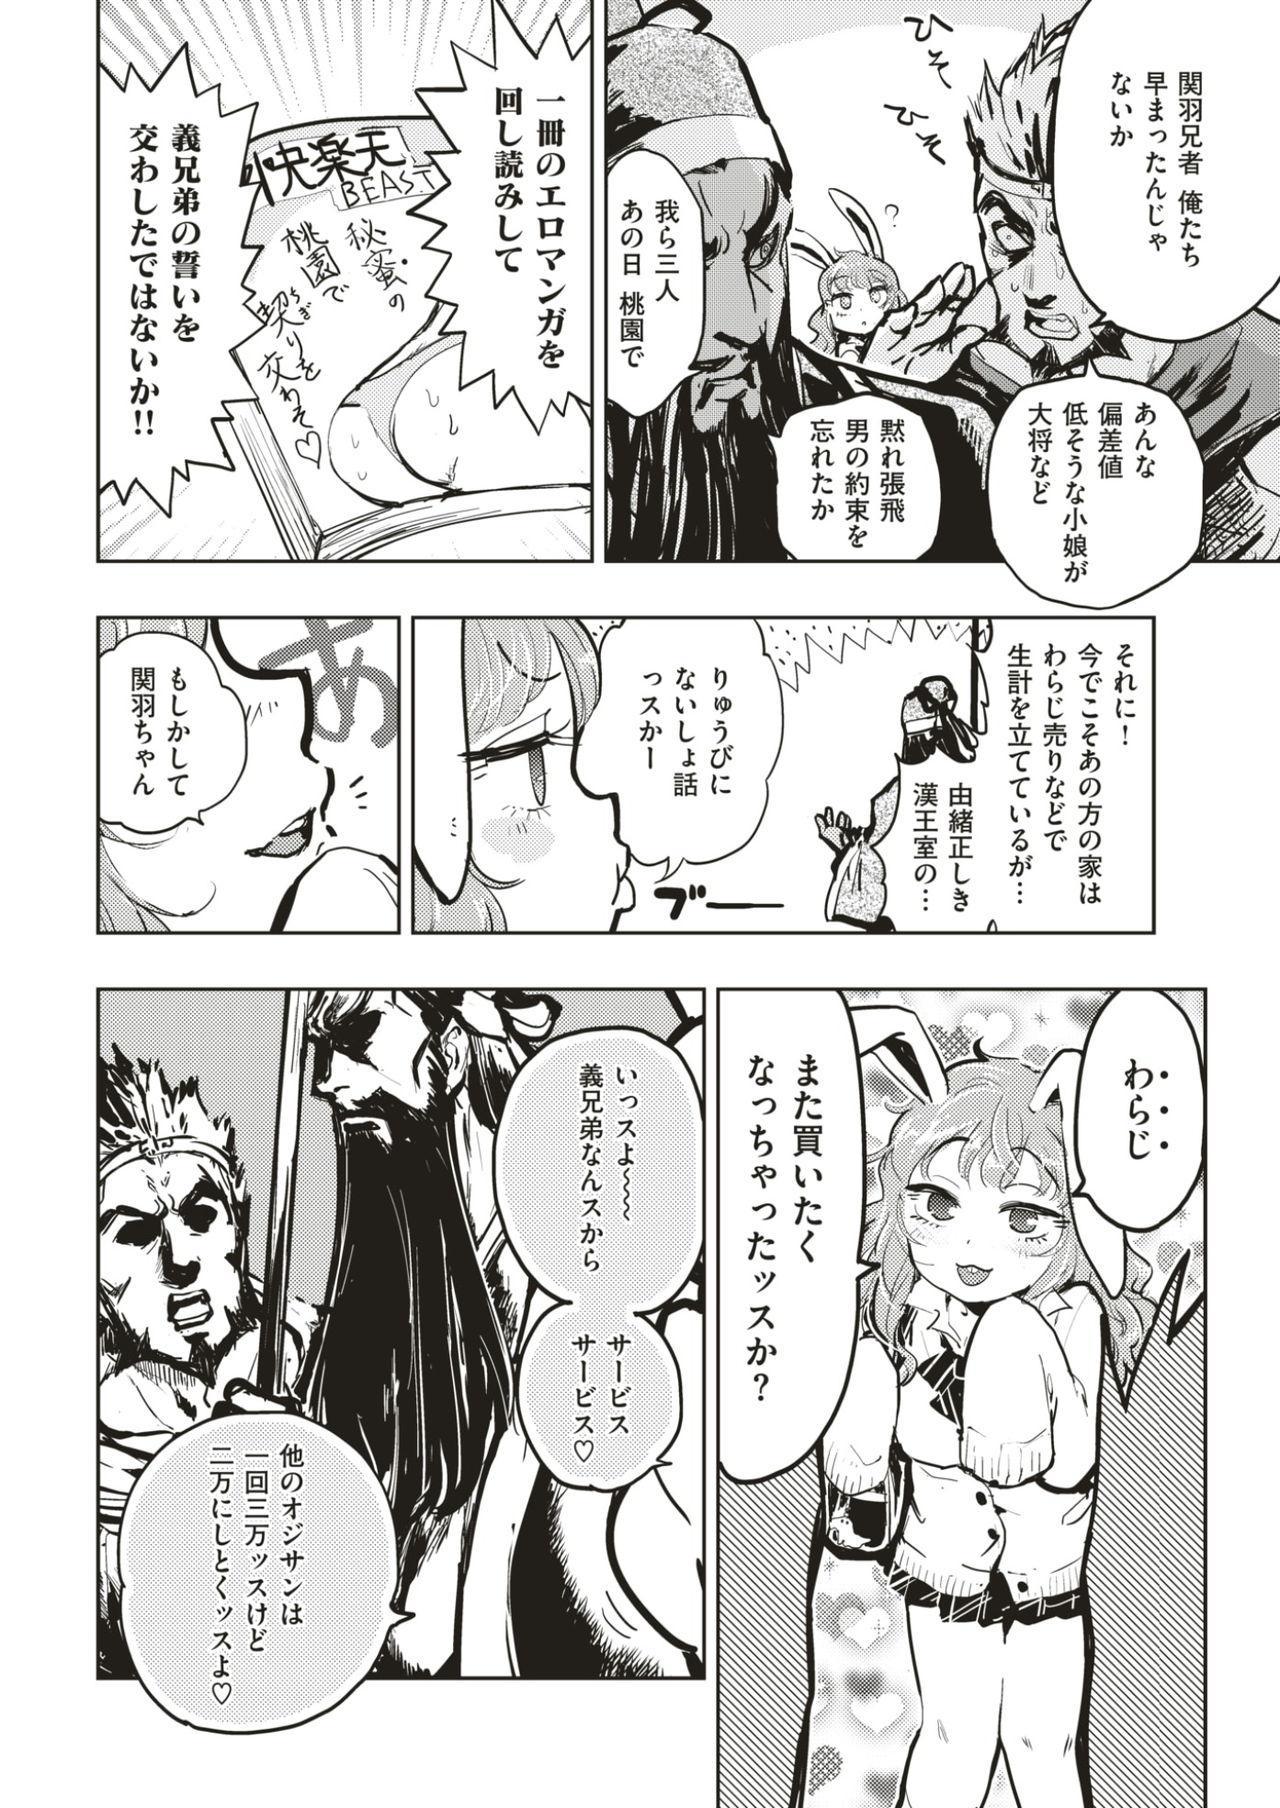 COMIC Kairakuten BEAST 2017-03 314